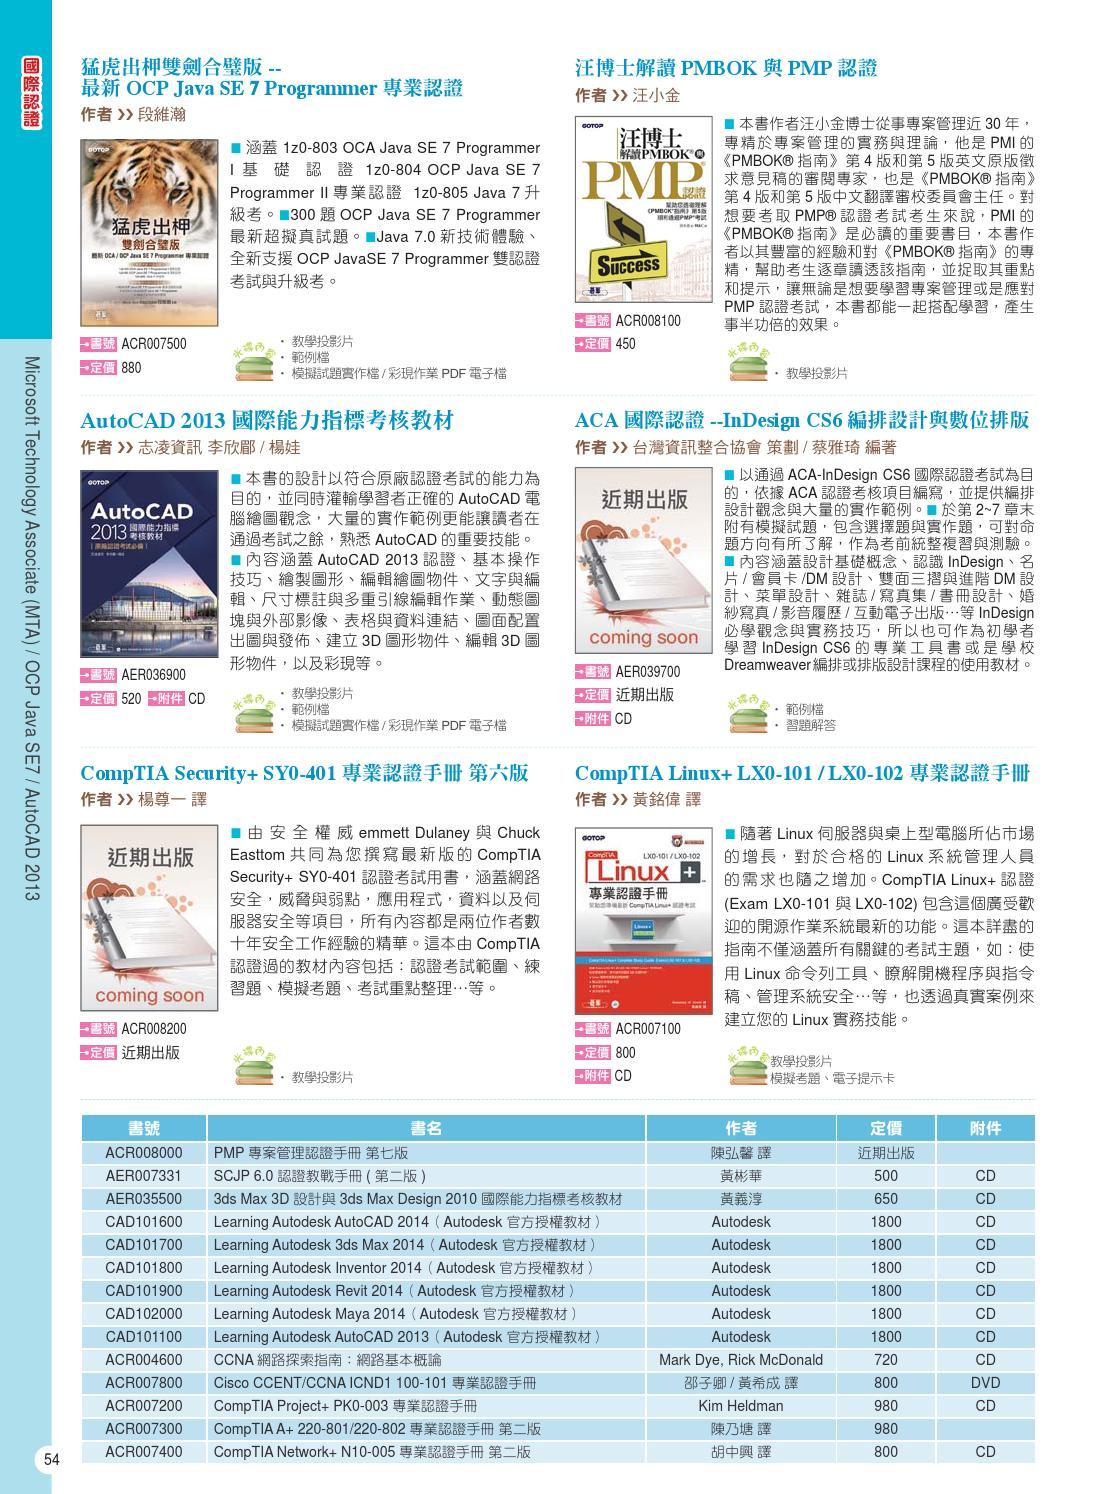 碁峰資訊103下圖書大專目錄 by Cathy Lin - Issuu